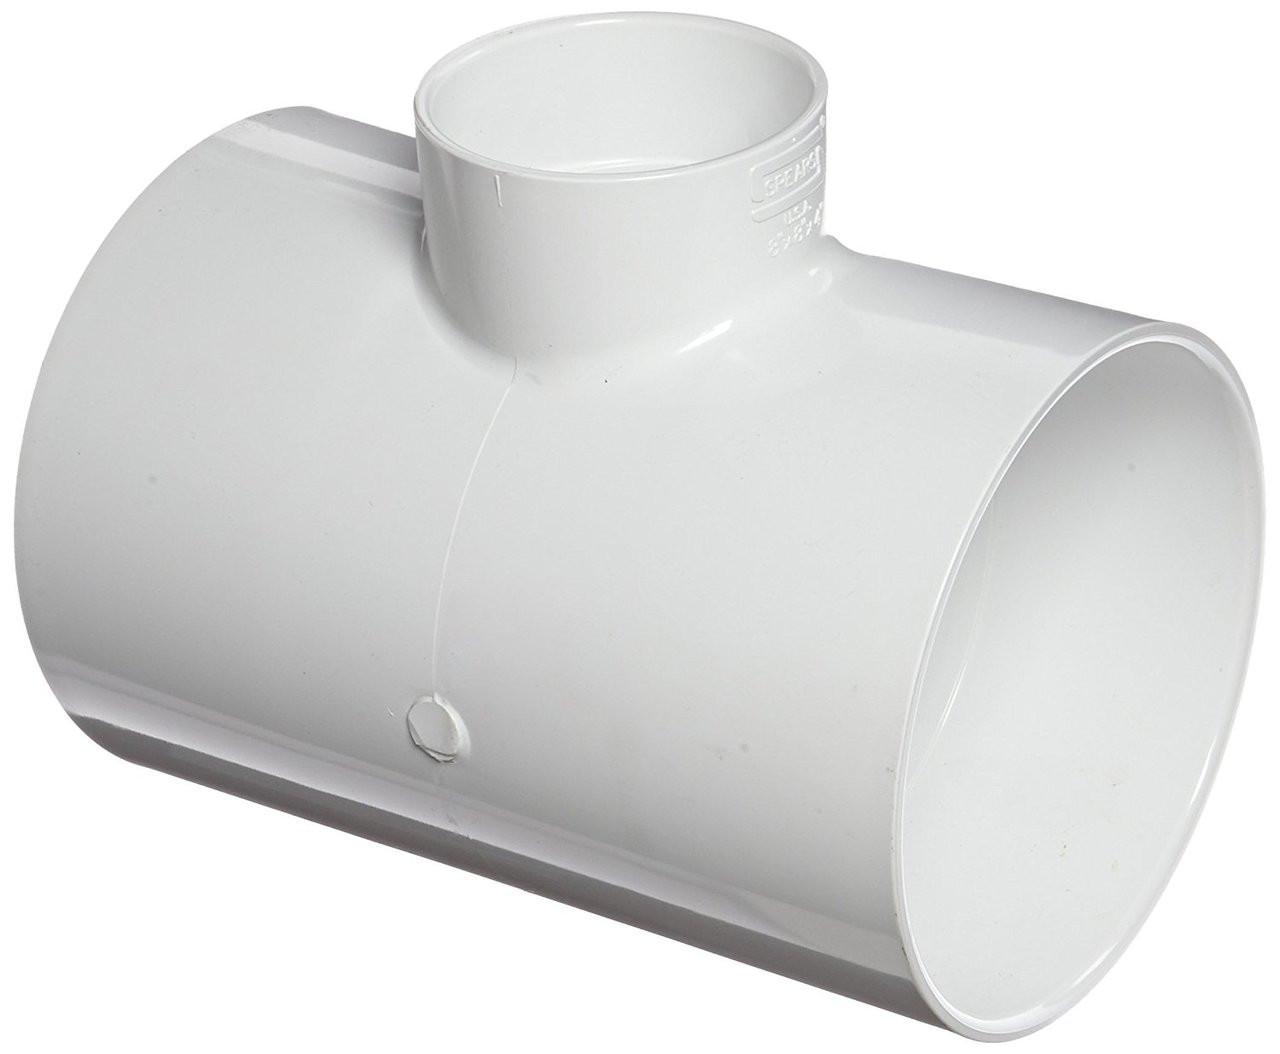 8 X 4 PVC DWV Vent Tee